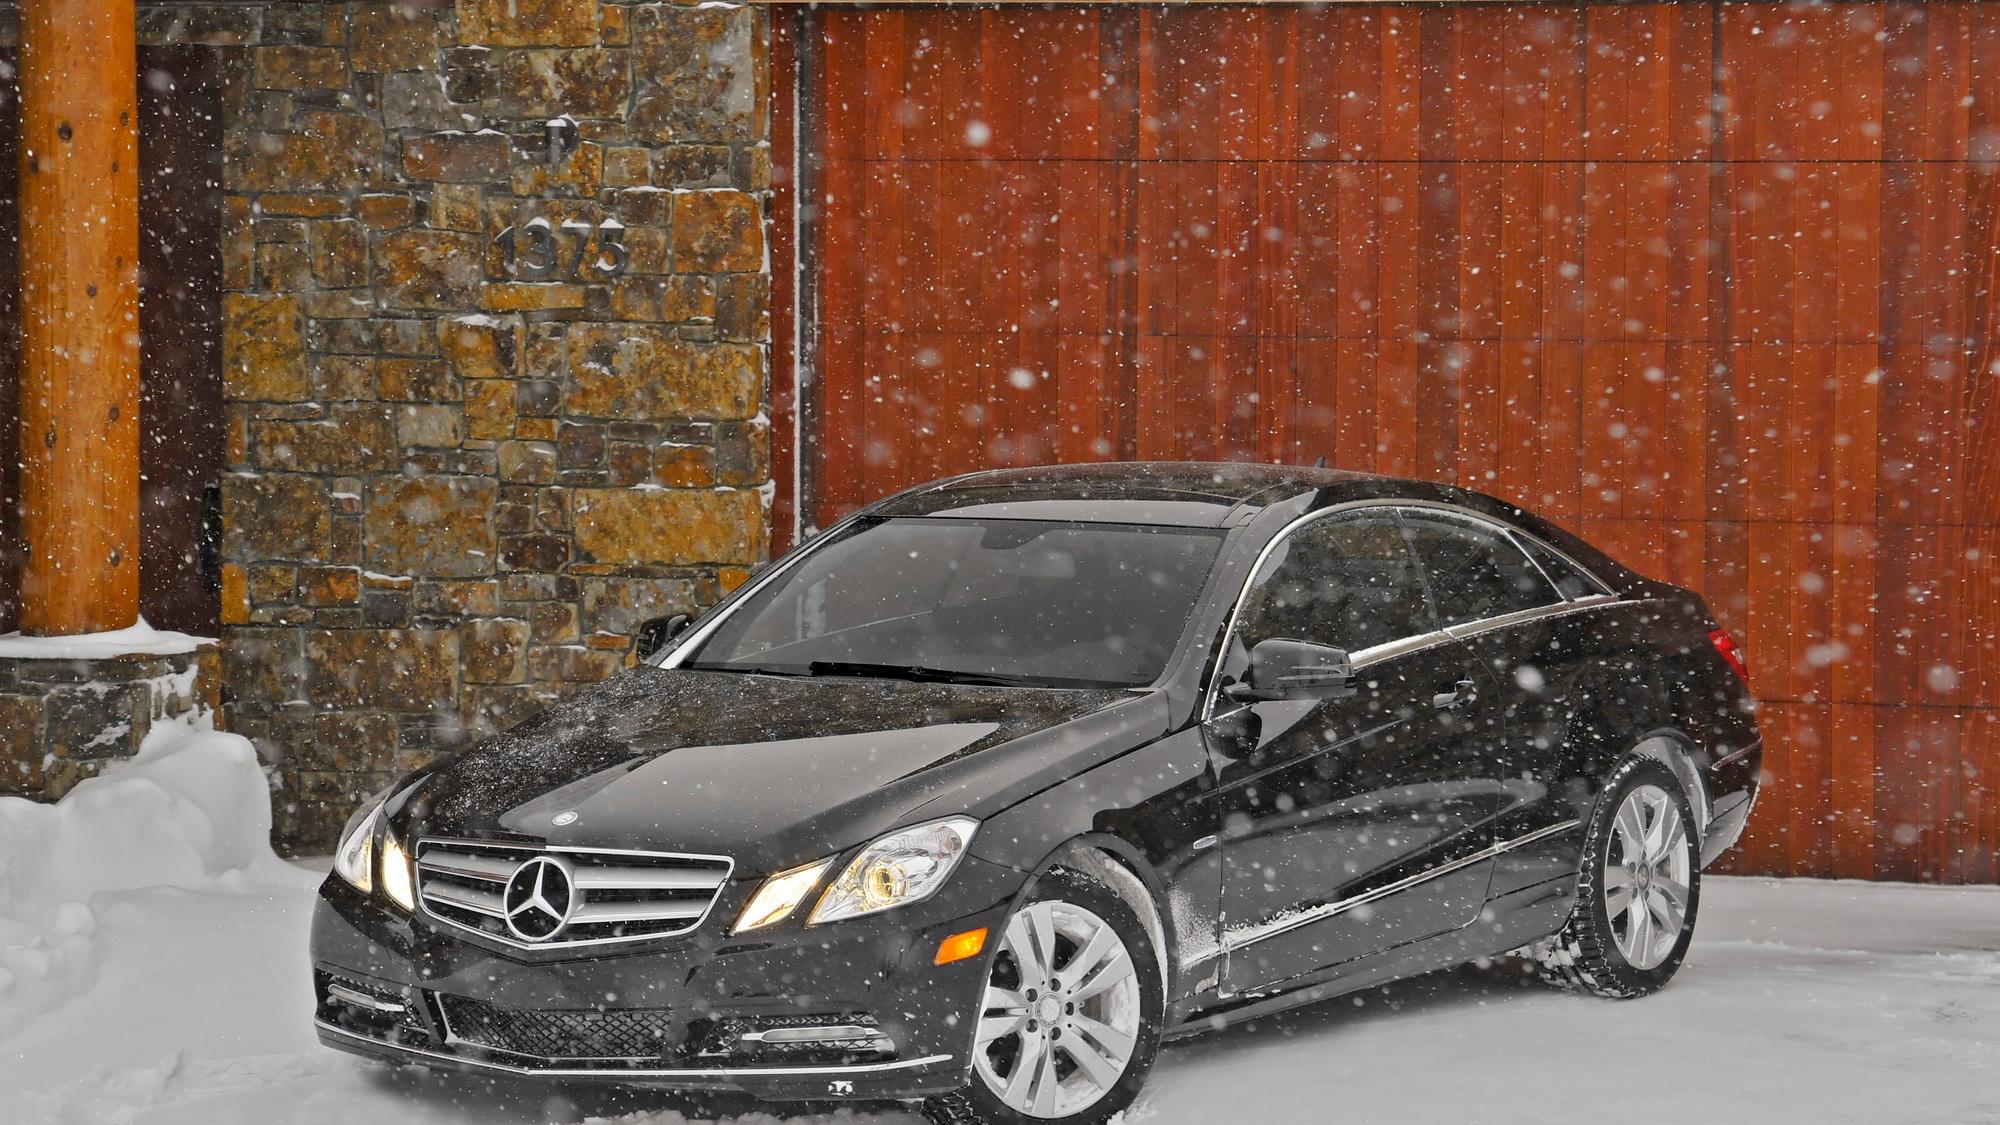 2012 Mercedes-Benz E350 4Matic Coupe